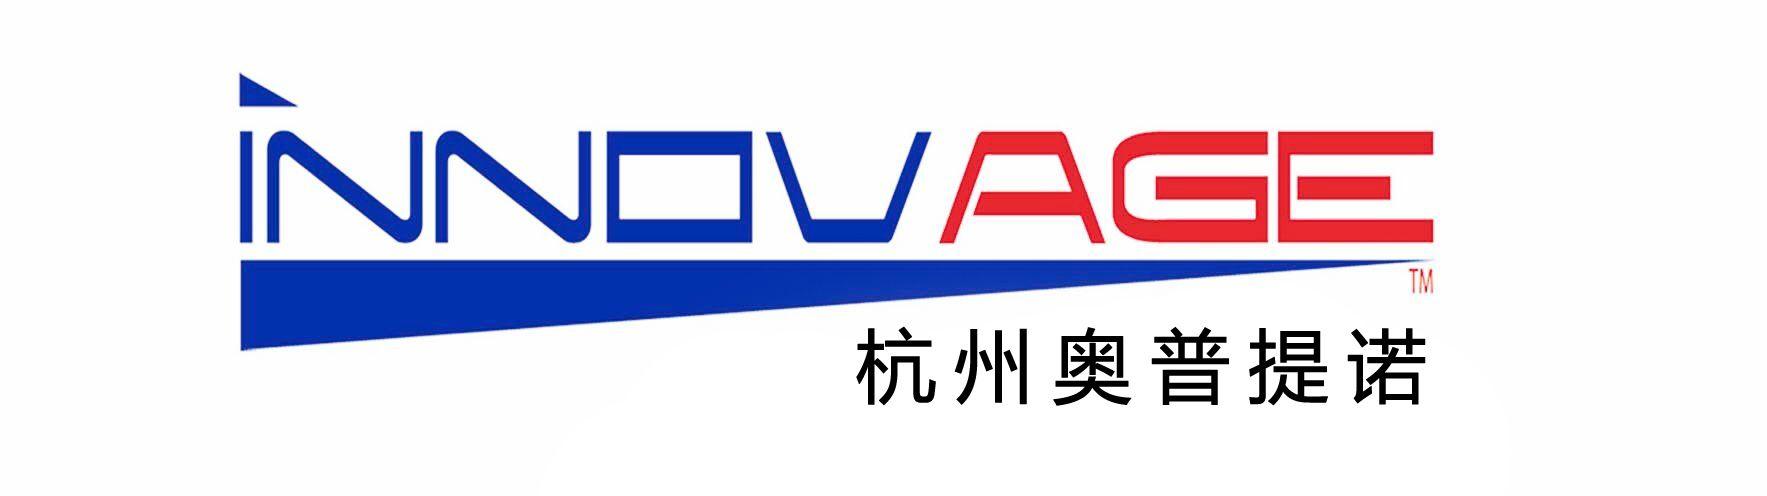 杭州奥普提诺贸易有限公司logo